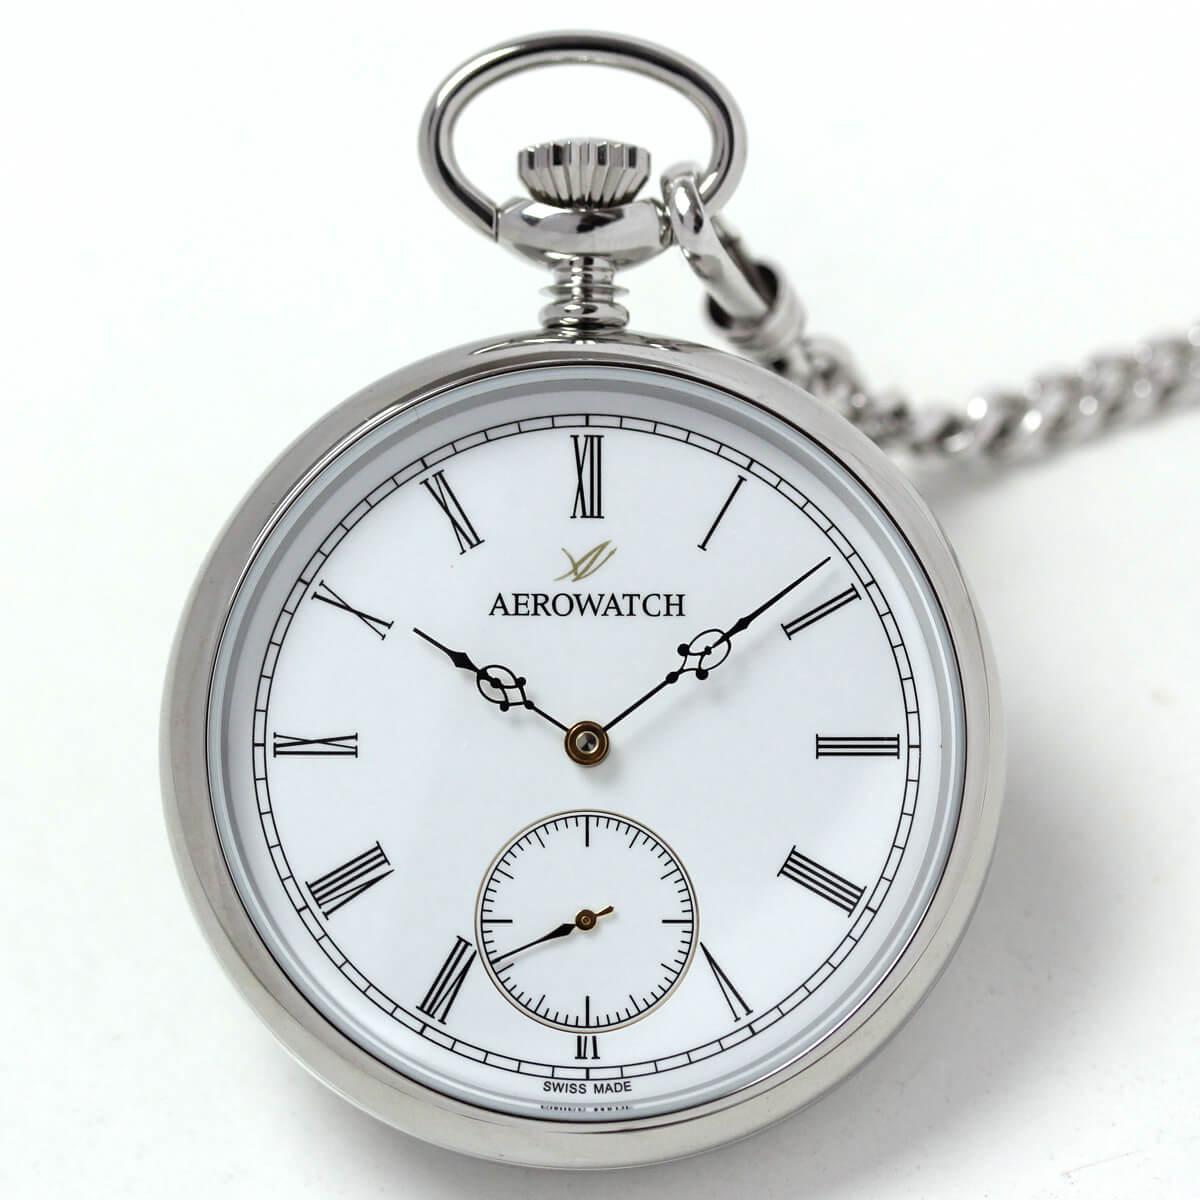 AERO(アエロ) 手巻き式懐中時計 ローマン数字のクラシカルデザイン